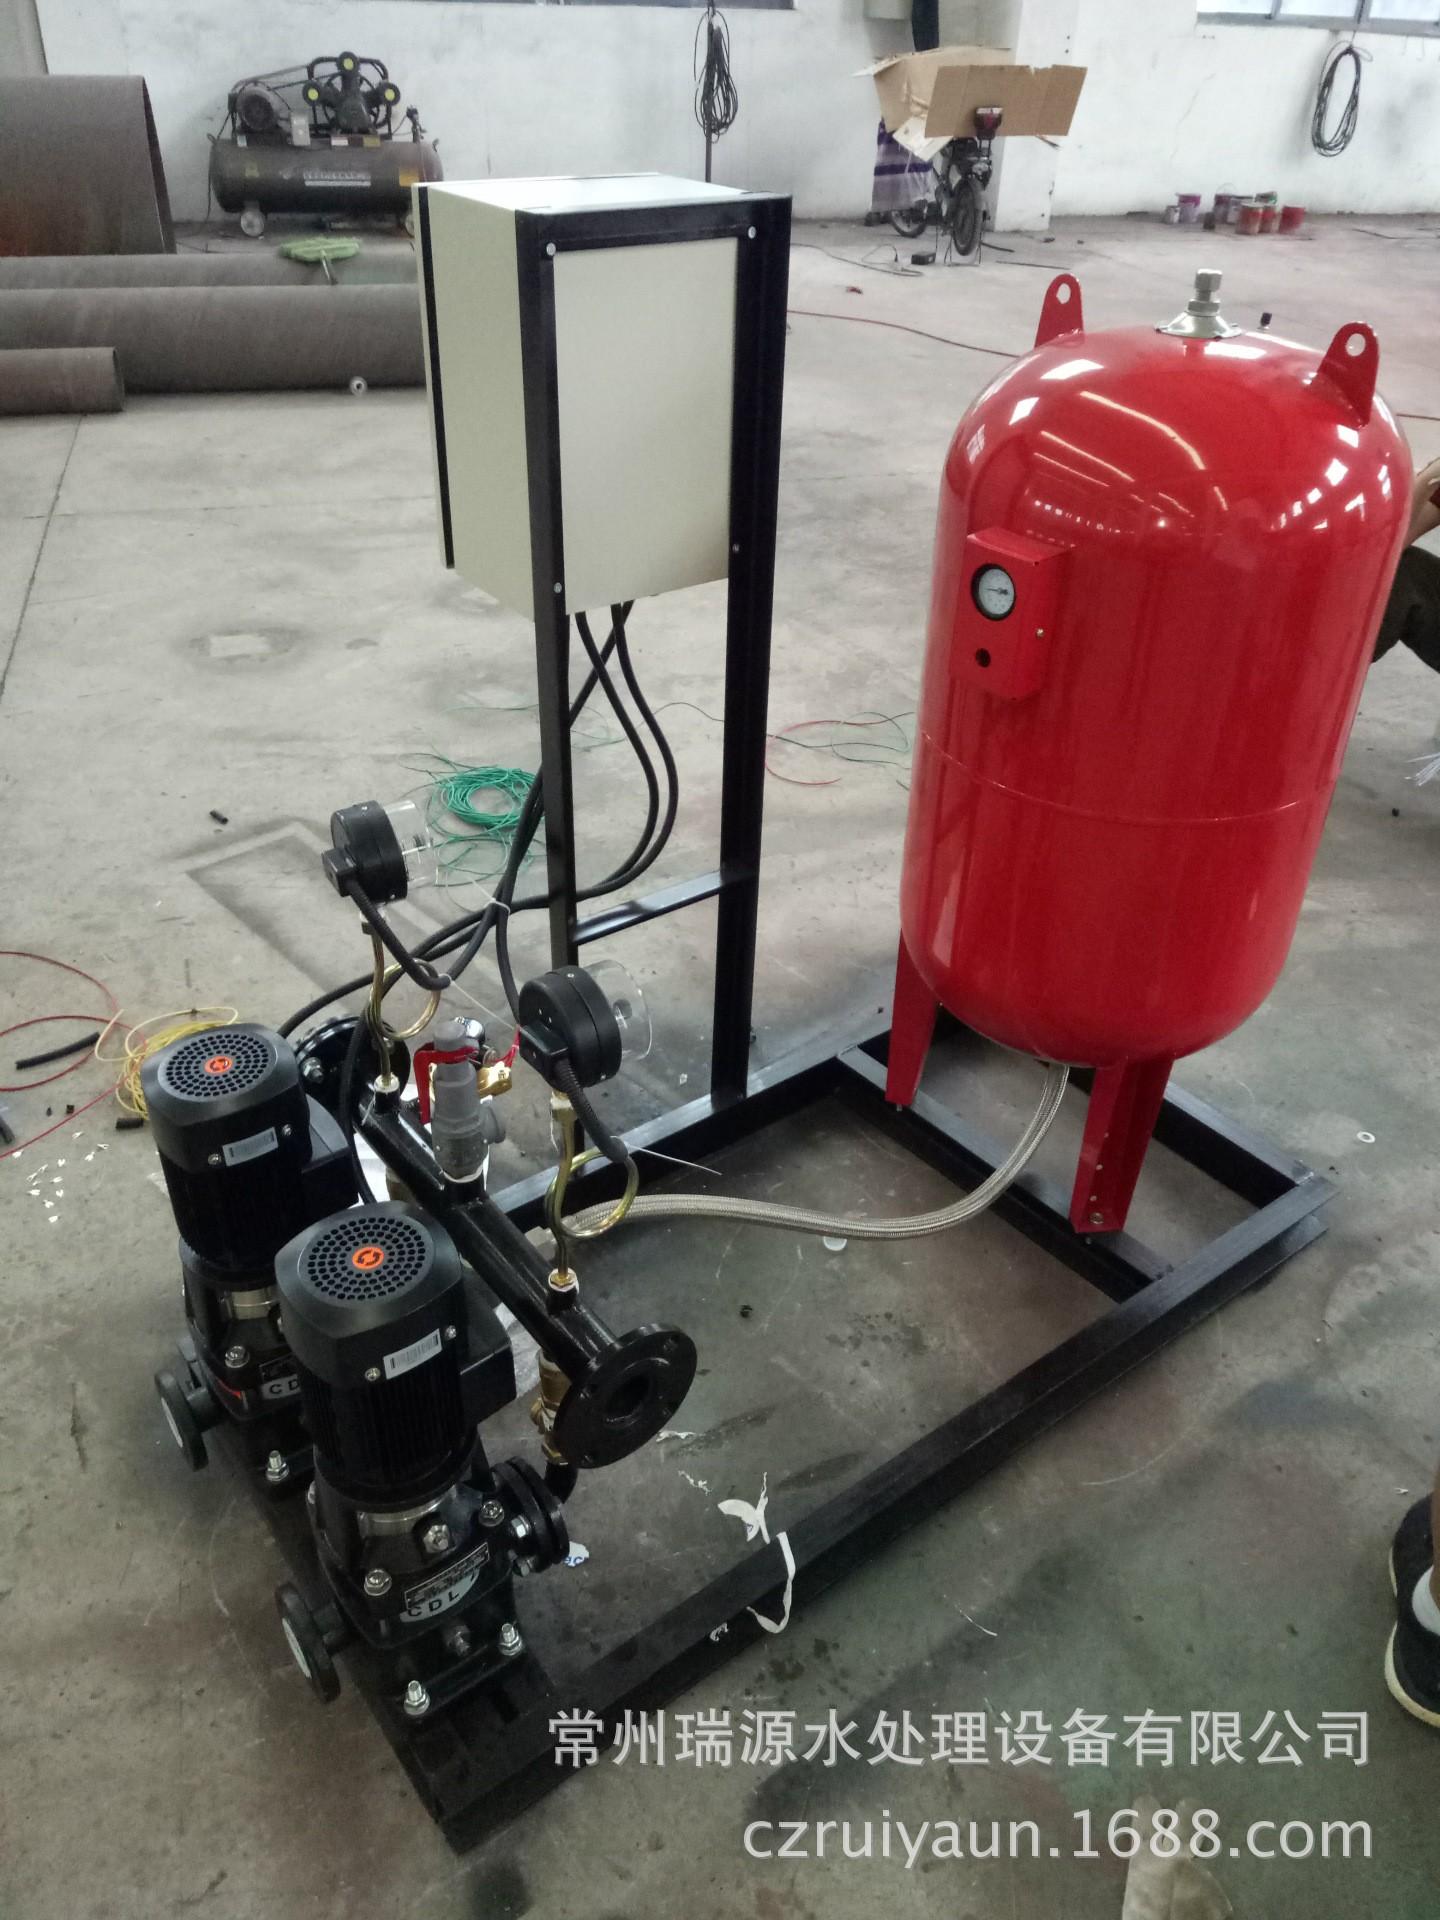 水处理设备厂家供应定压补水装置供水设备定压补水机组